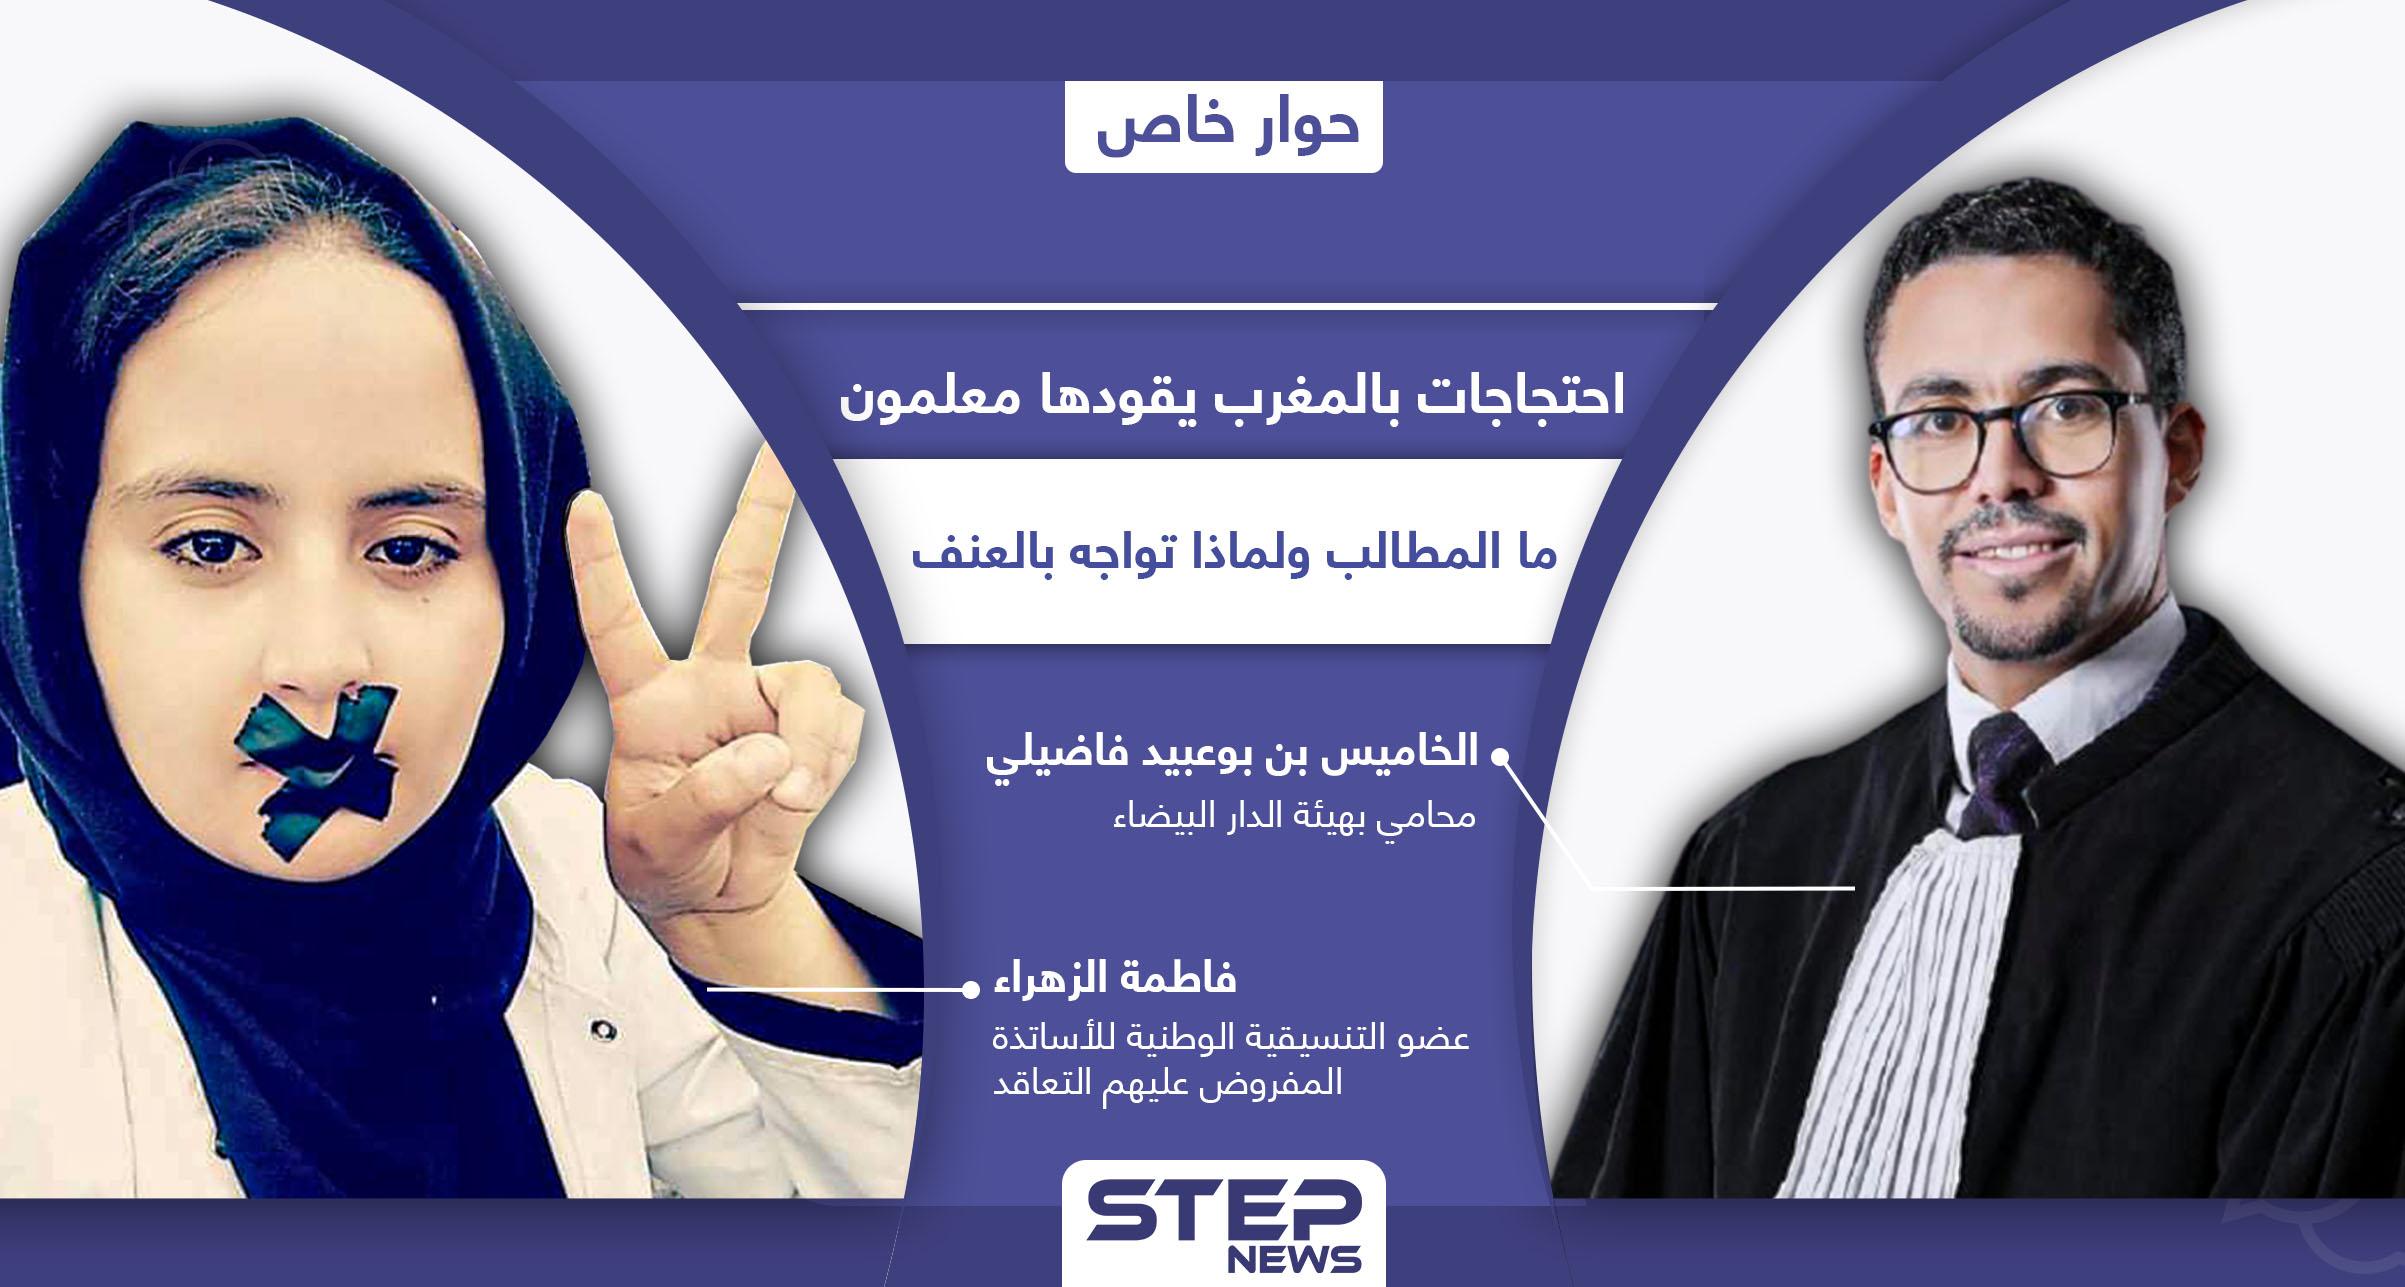 احتجاجات في المغرب ومطالبة بحقوق المعلمين المتعاقدين تقابل بعنف مفرط.. ما قصتها وهل ستحول لثورة